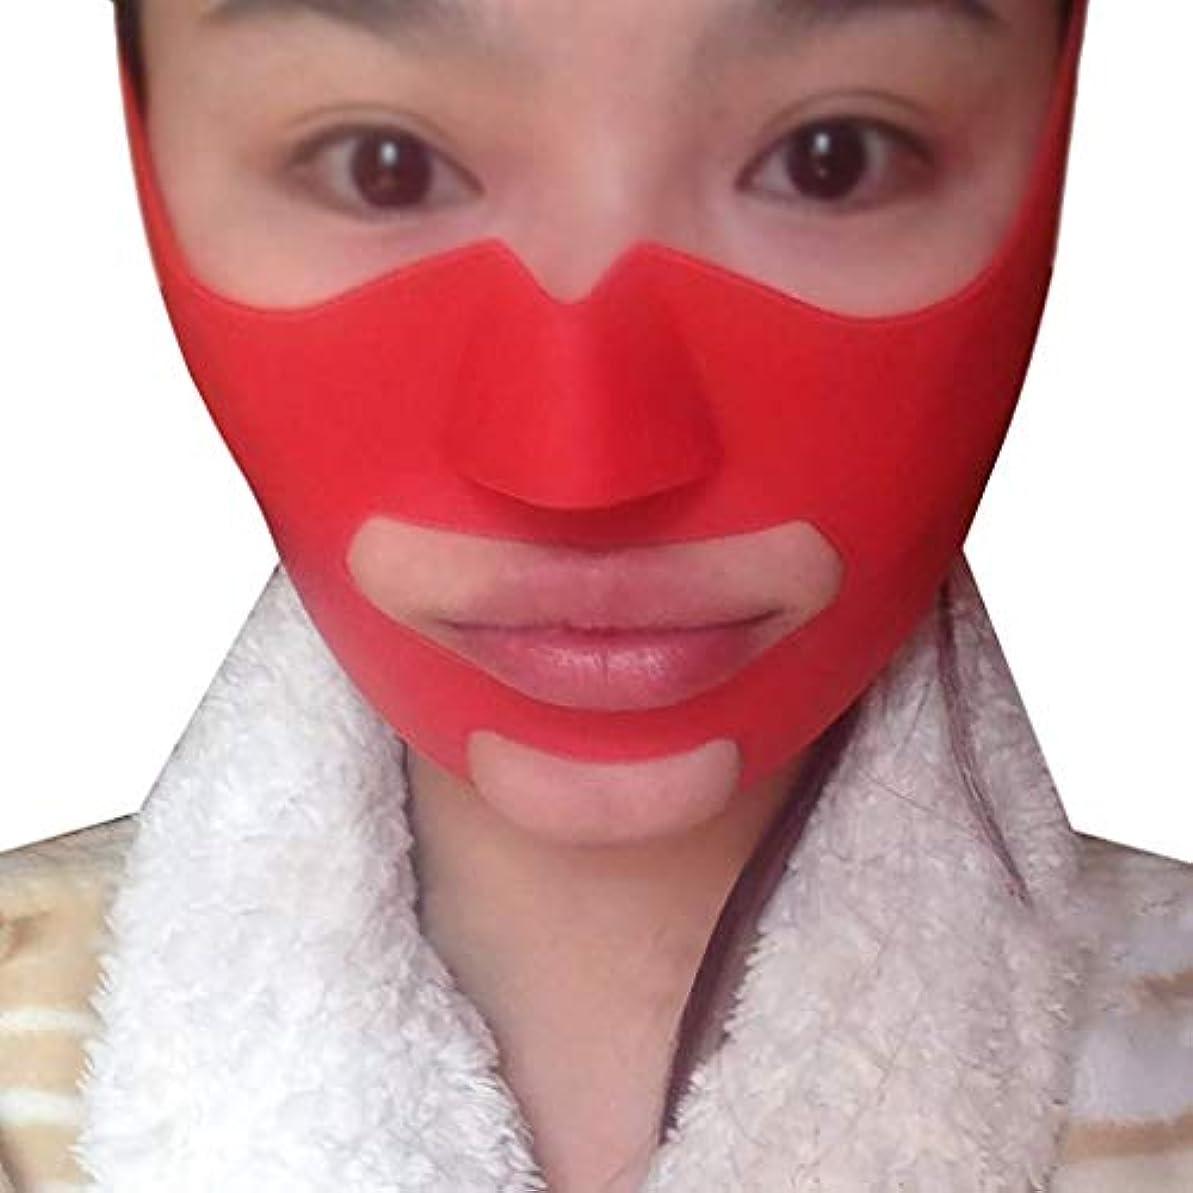 気になるキャンバス容疑者フェイスリフトマスク、シリコーンVフェイスマスクフェイスマスク強力な薄い咬筋筋肉を持ち上げるアップルの筋肉パターン布アーティファクト小さなV顔包帯顔と首リフト